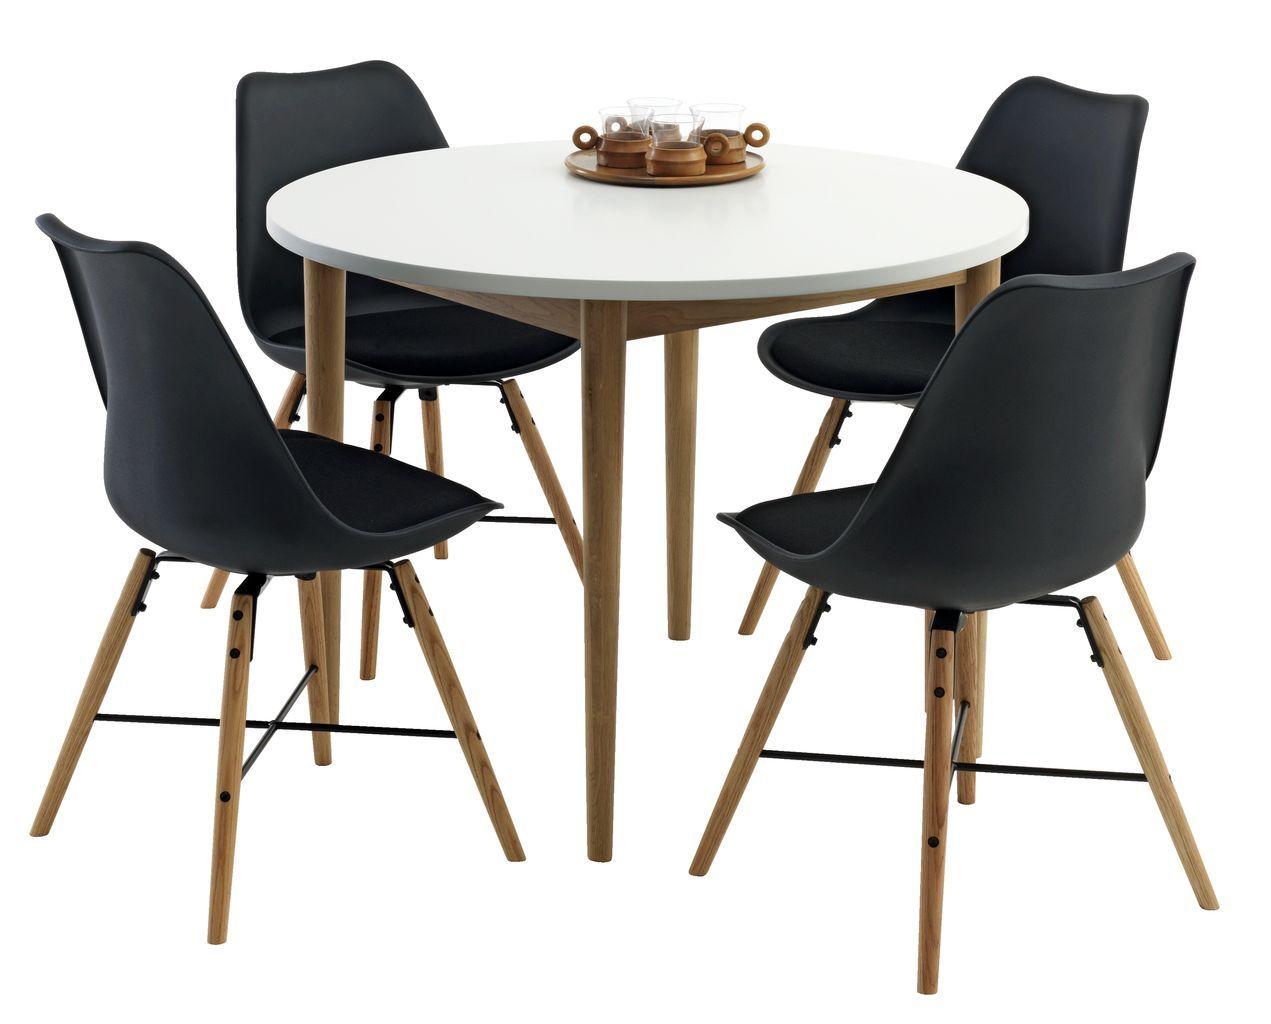 RISSKOV Asztal Tm100 4 KLARUP Szk